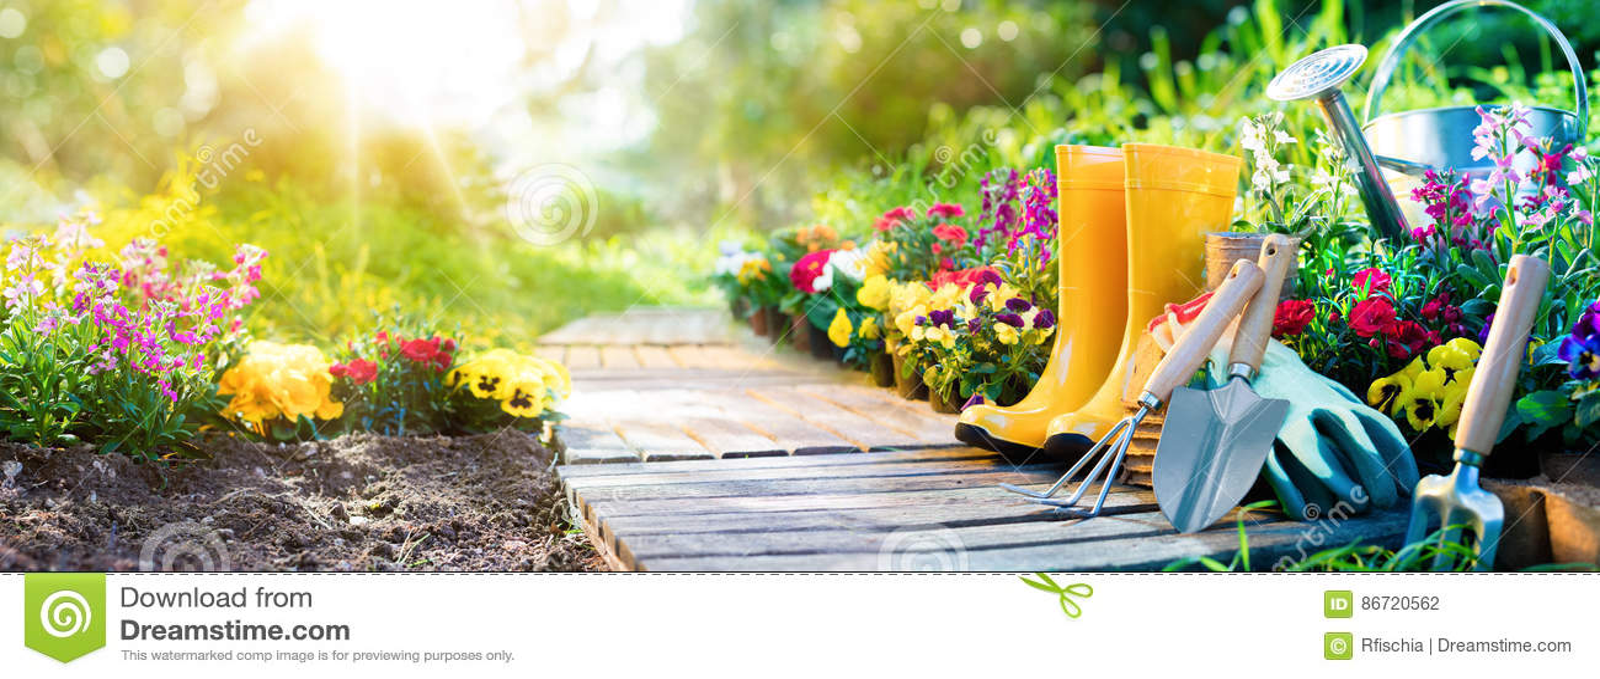 Gardening - Set Of Tools For Gardener And Flowerpots